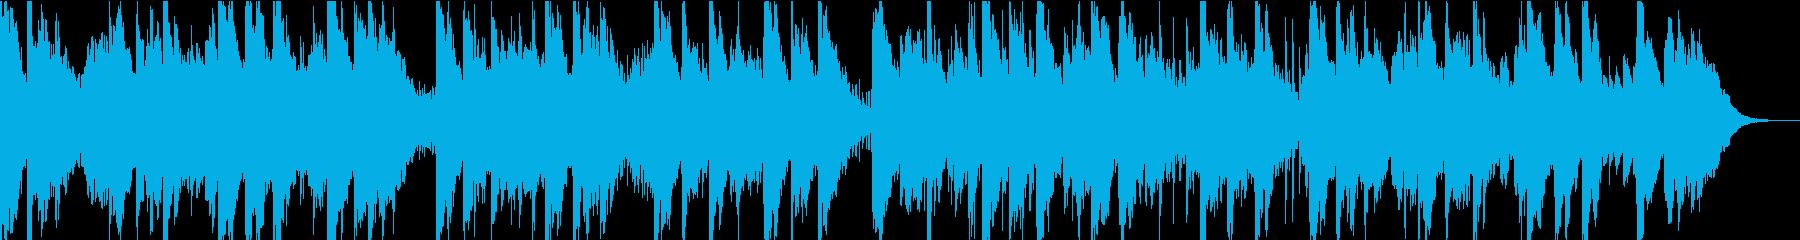 アジアンテイストなシンセによるBGMの再生済みの波形